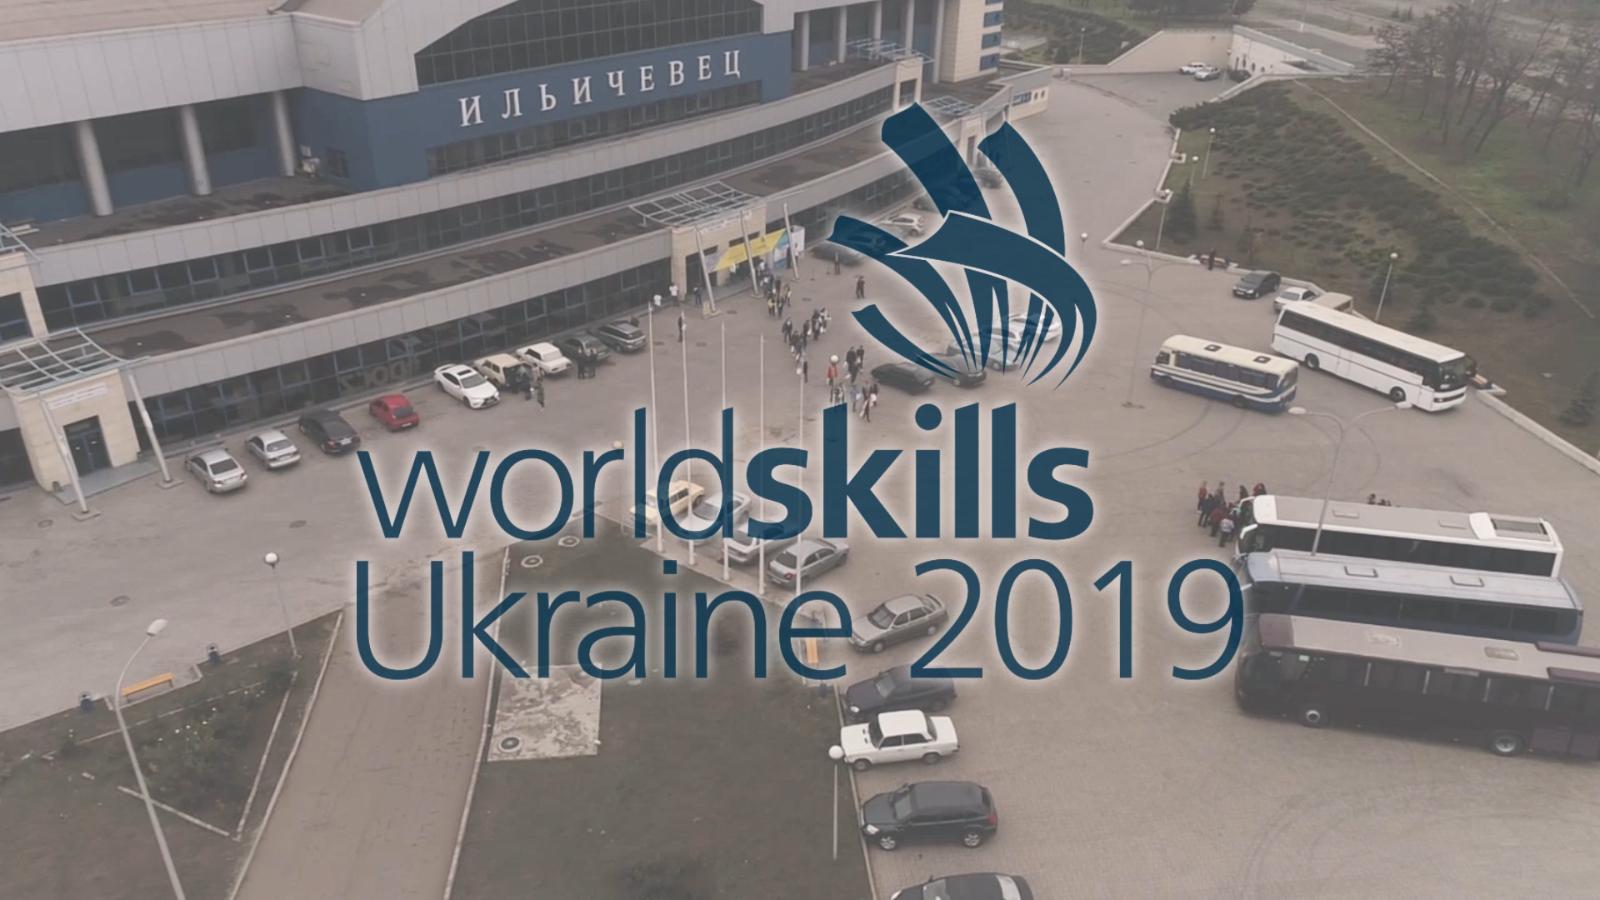 Відкриття регіональних відборів WorldSkills Ukraine — 2019 у Донецькій області